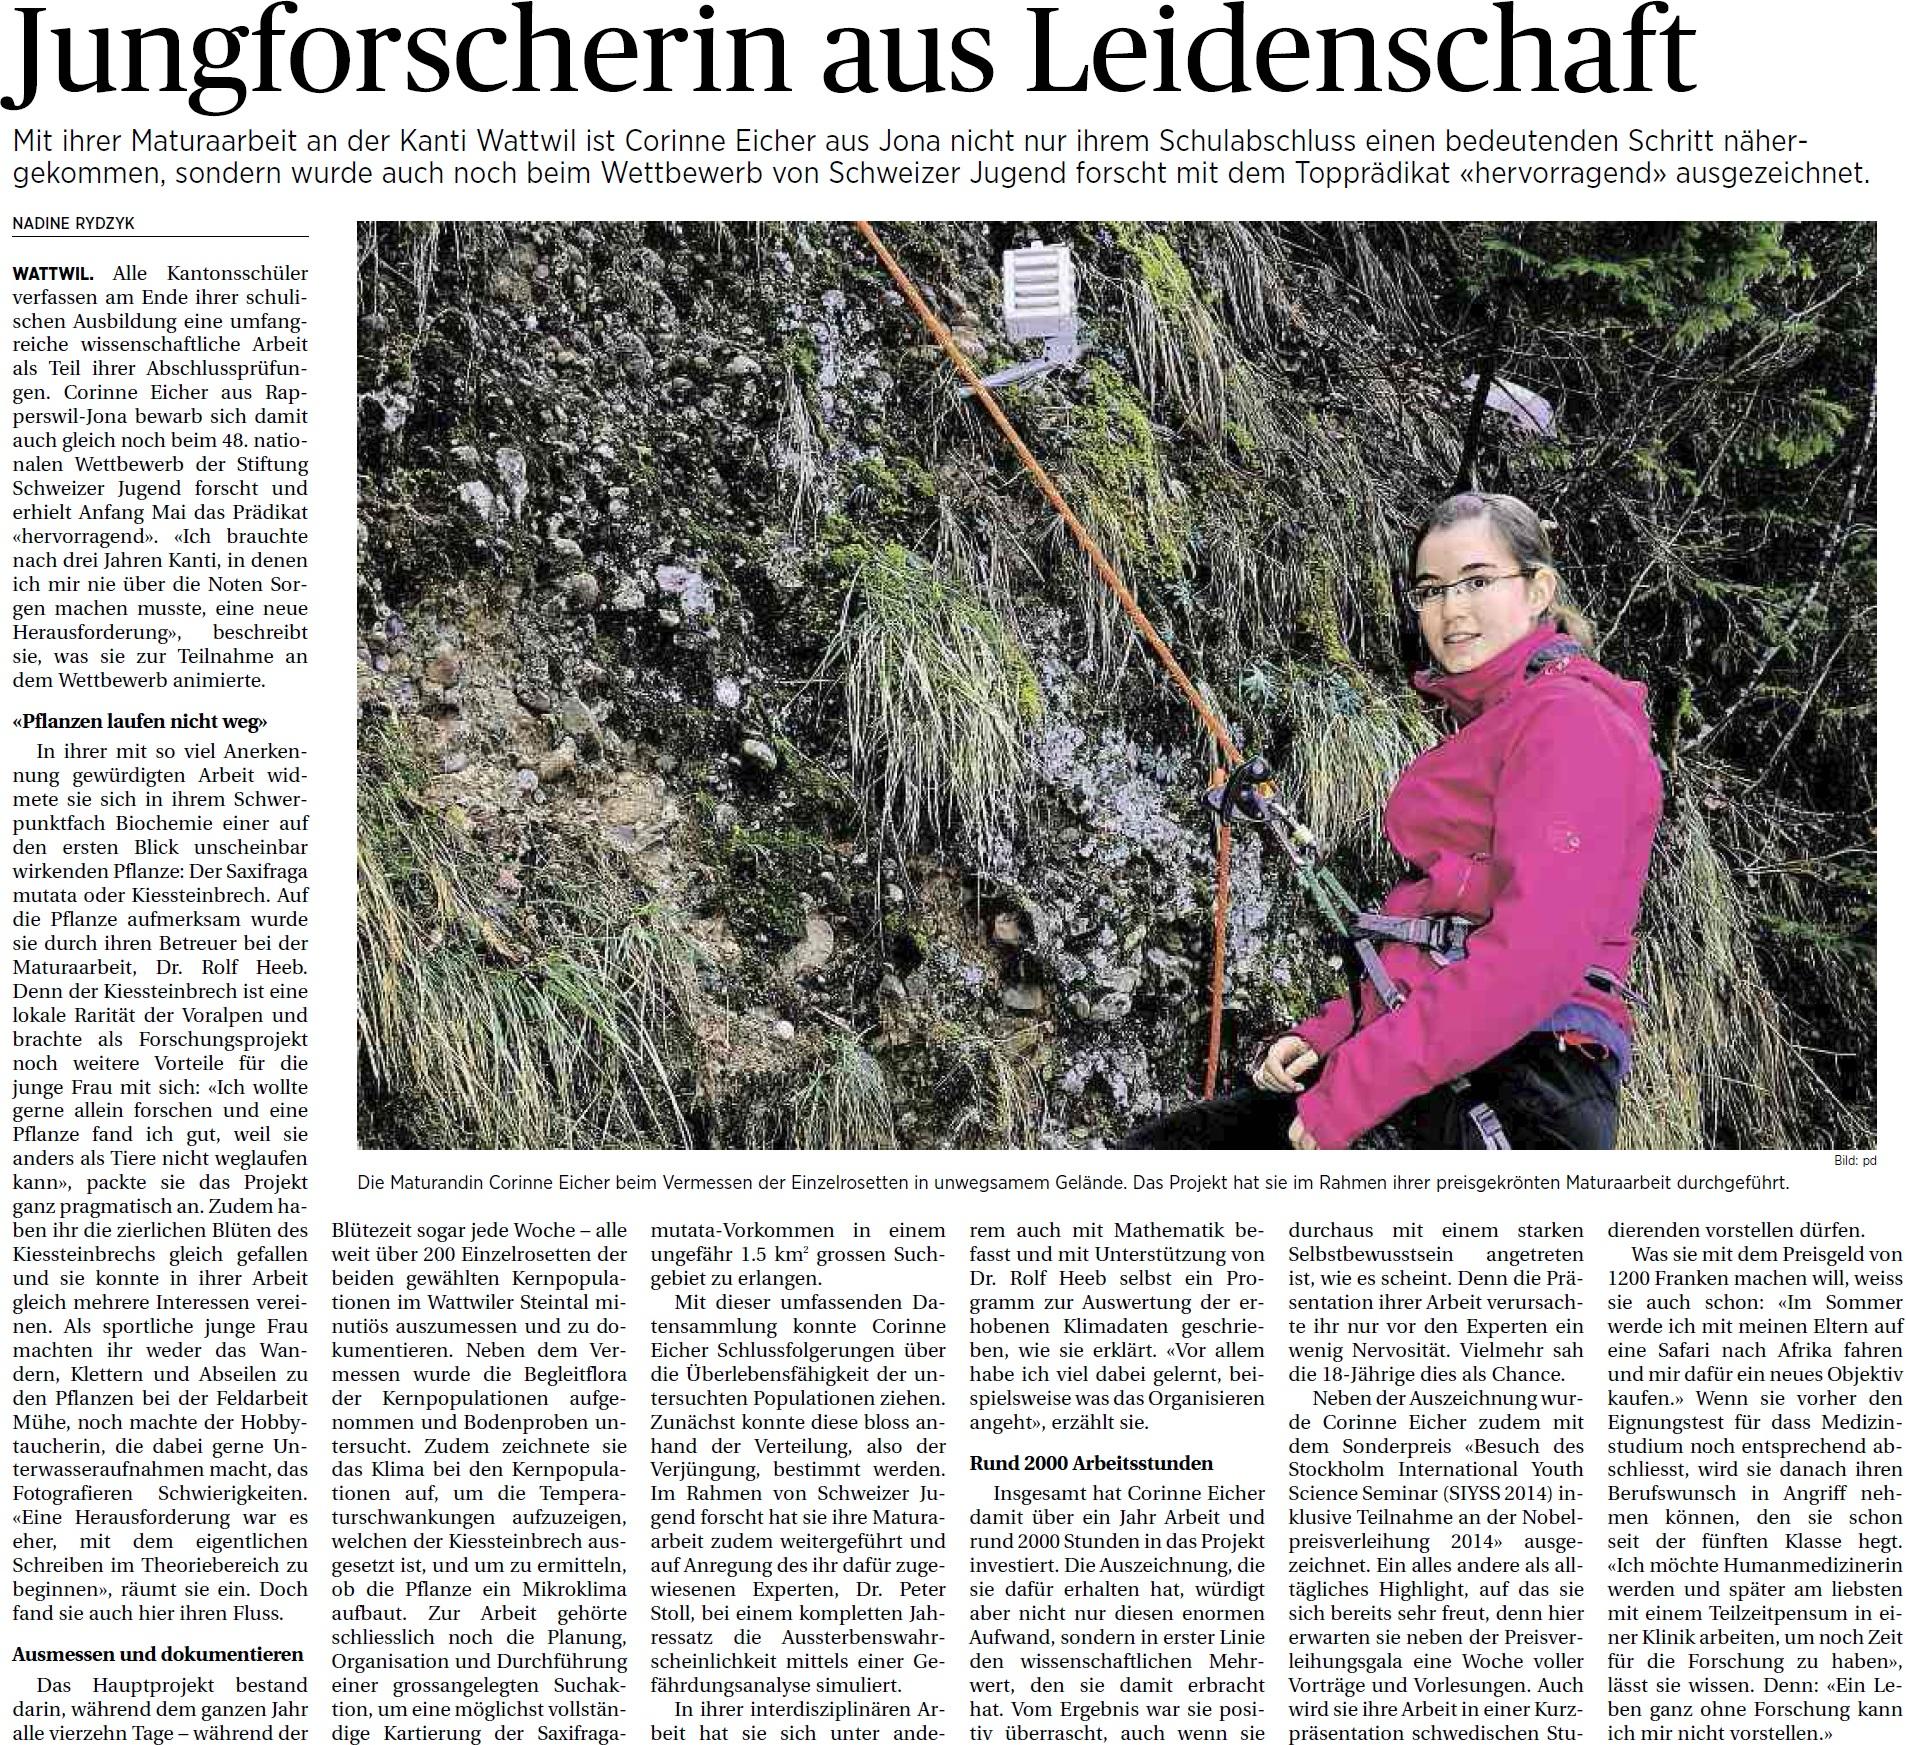 Jungforscherin aus Leidenschaft (Donnerstag, 22.05.2014)